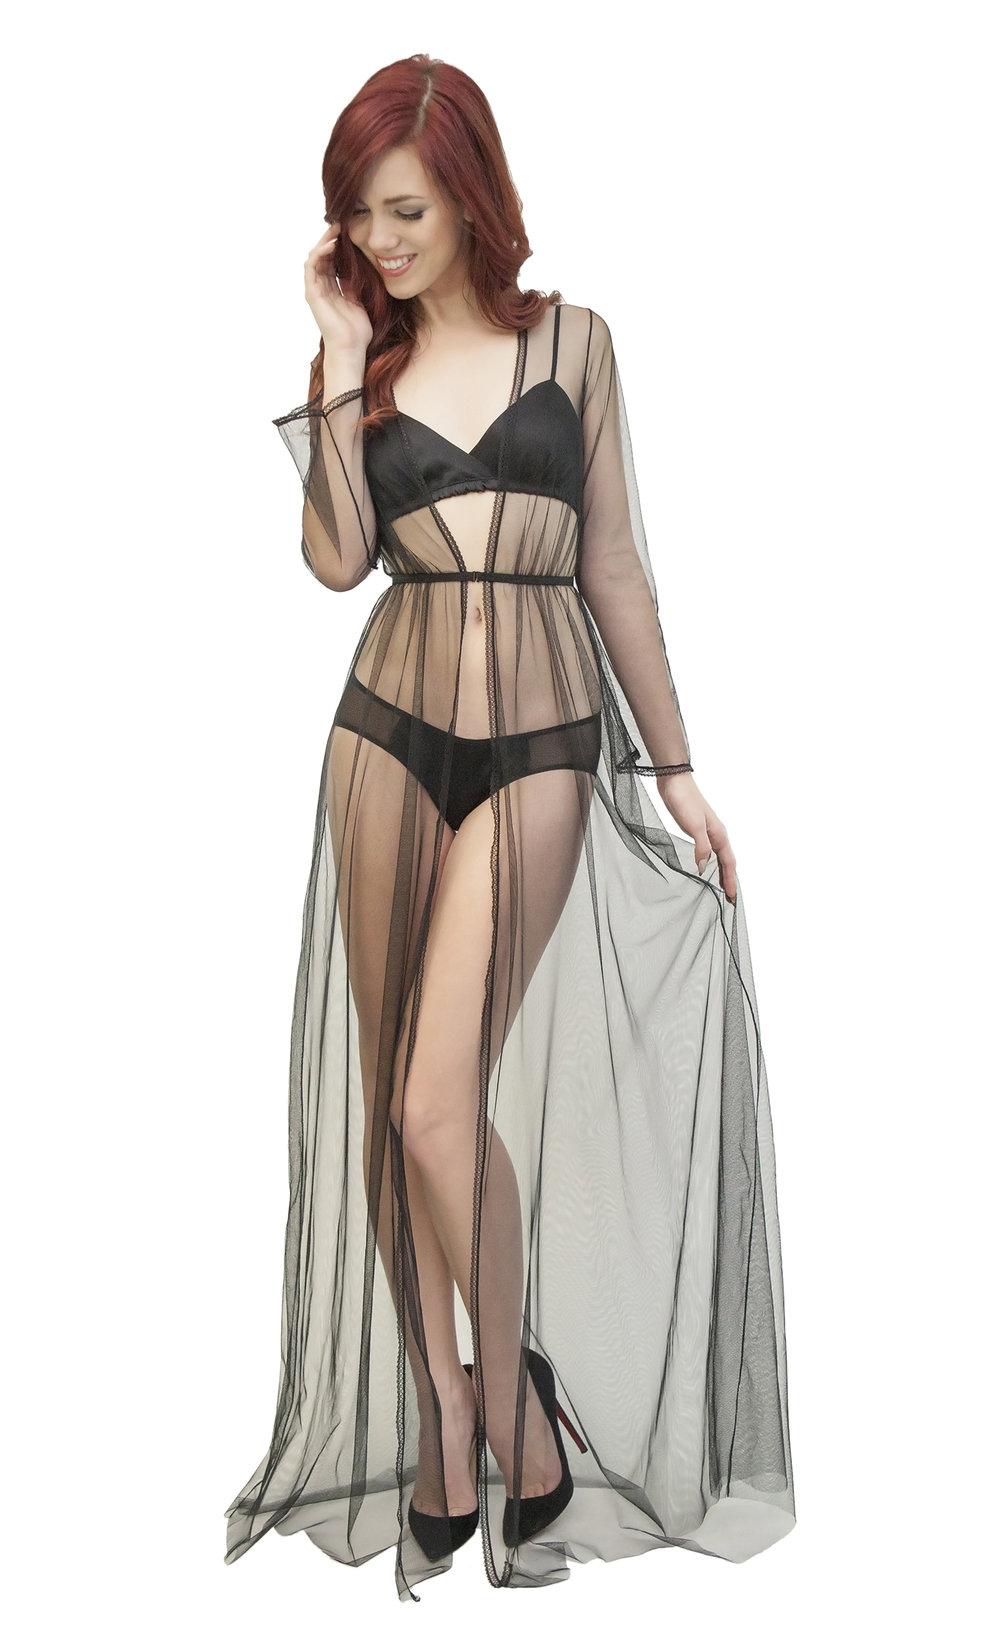 Tulle robe - $220